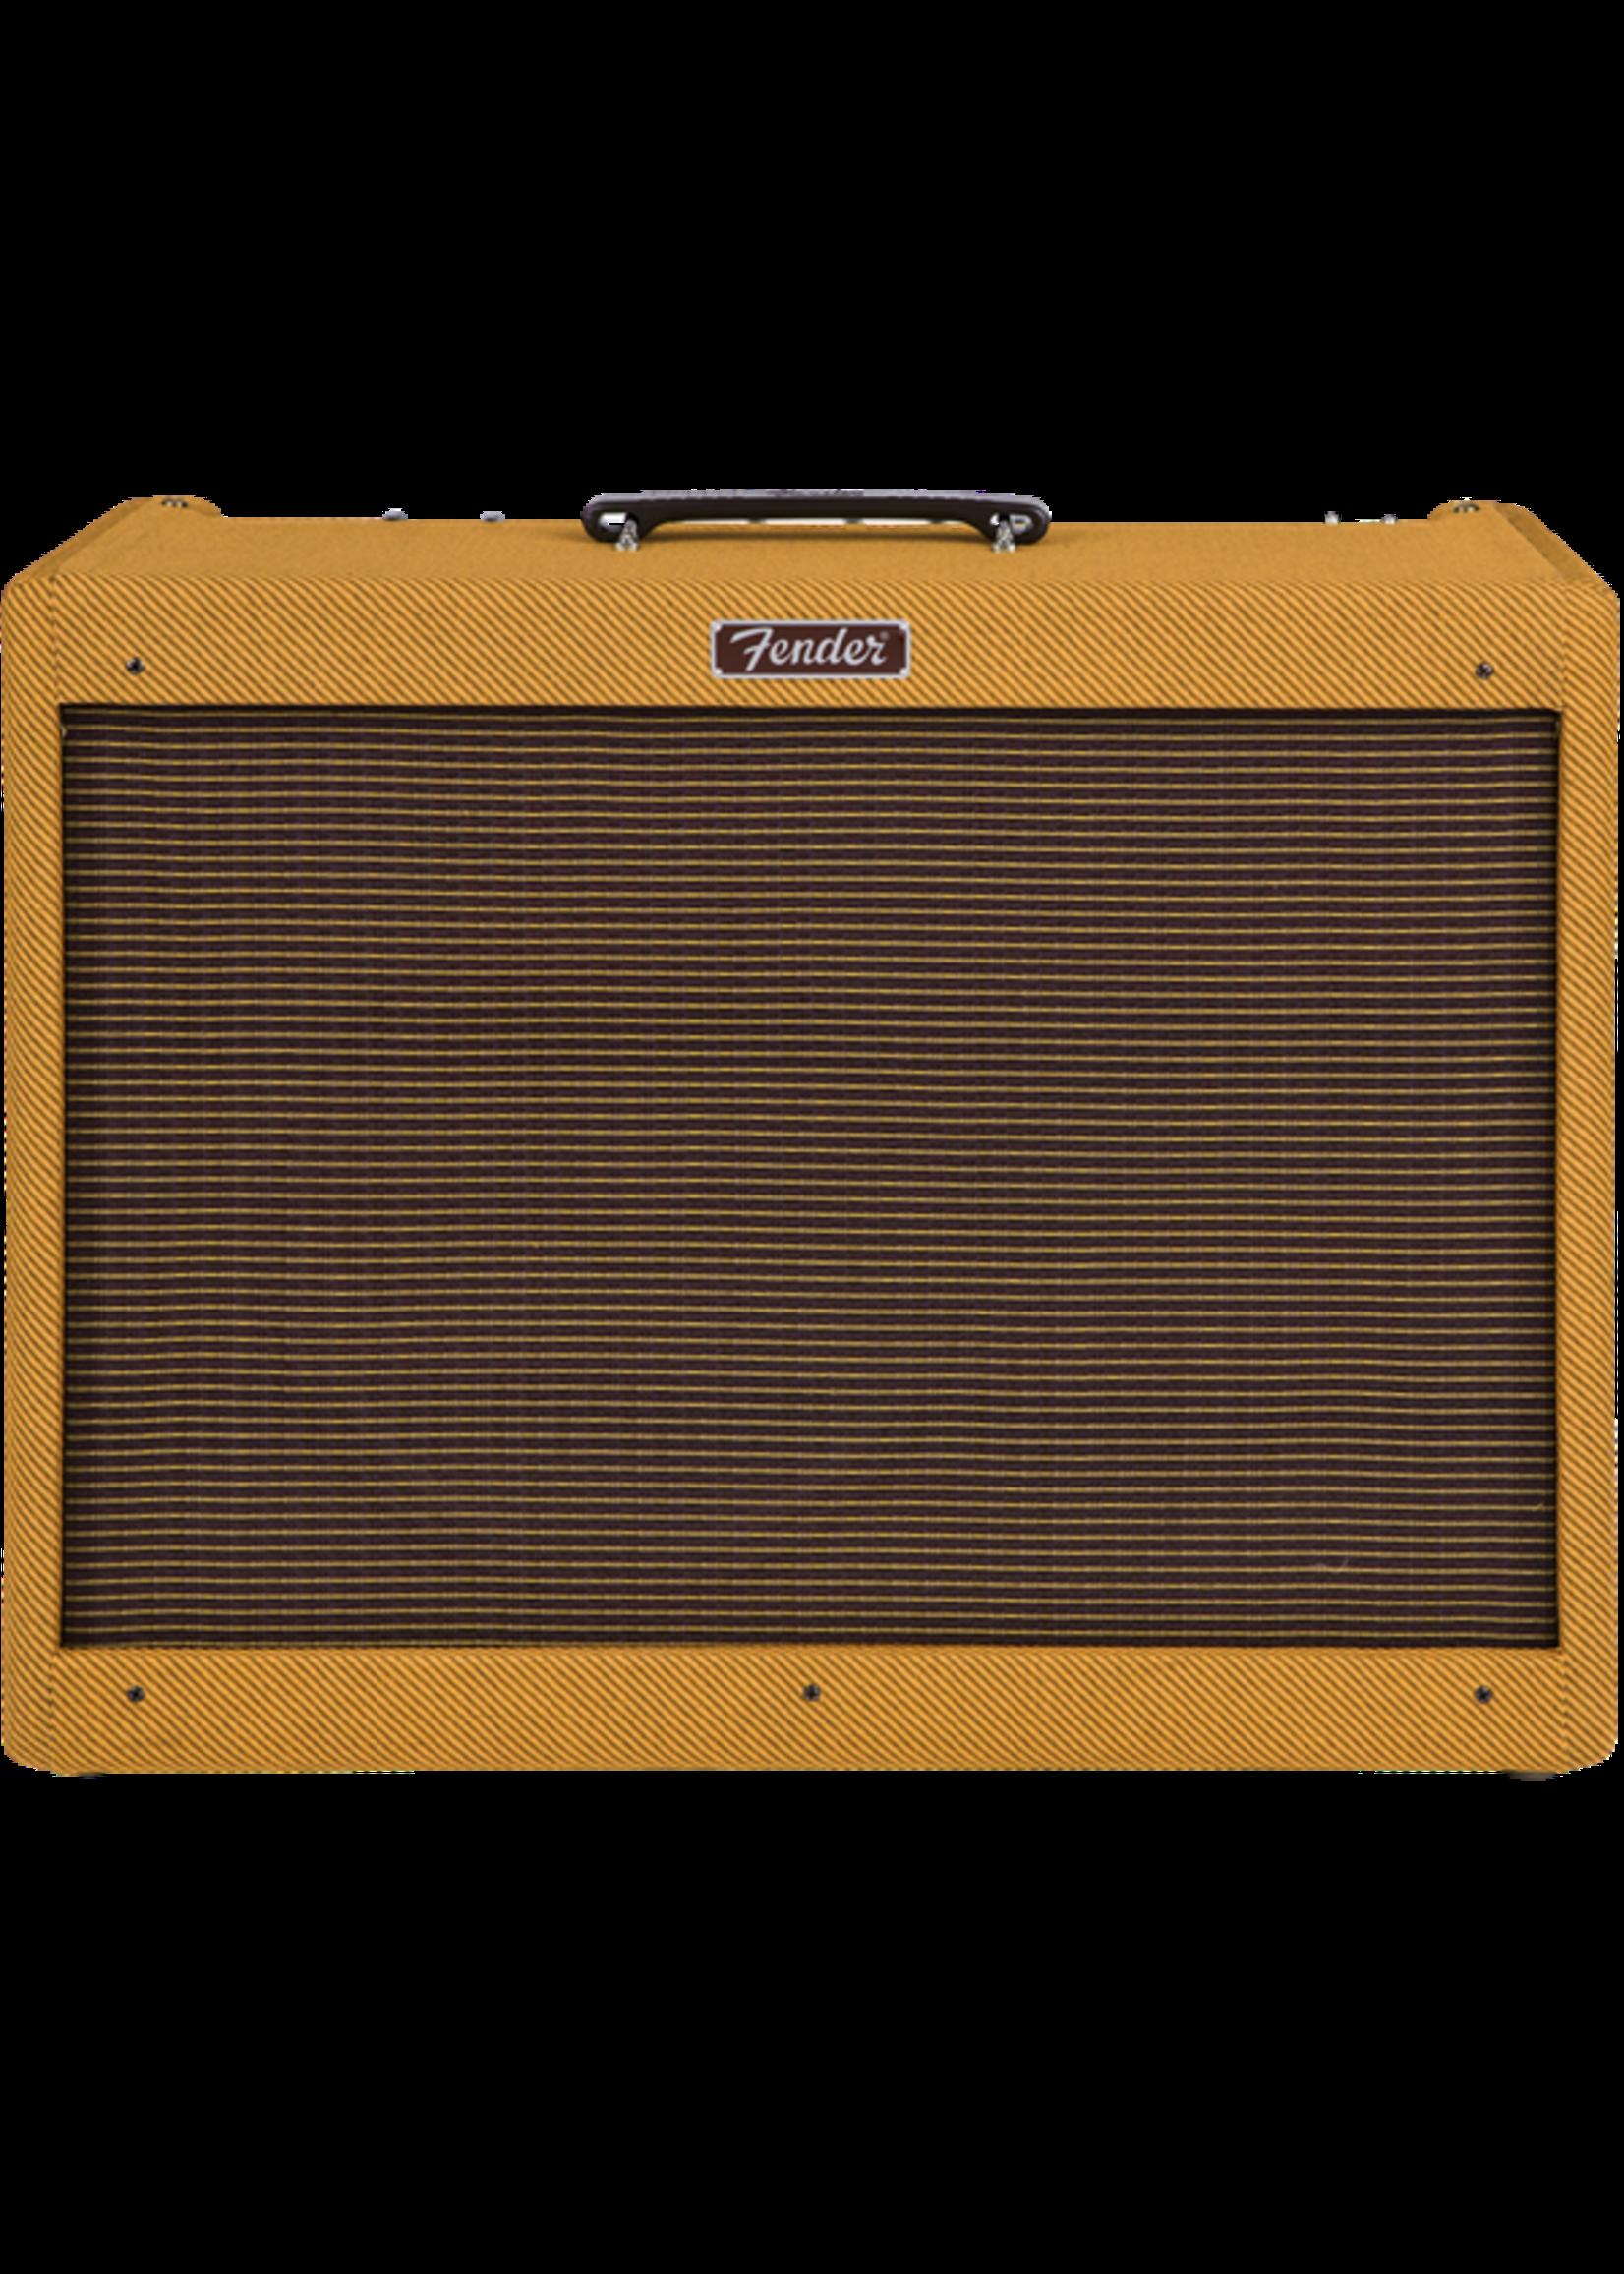 Fender Fender Blues Deluxe Reissue 120V Tweed